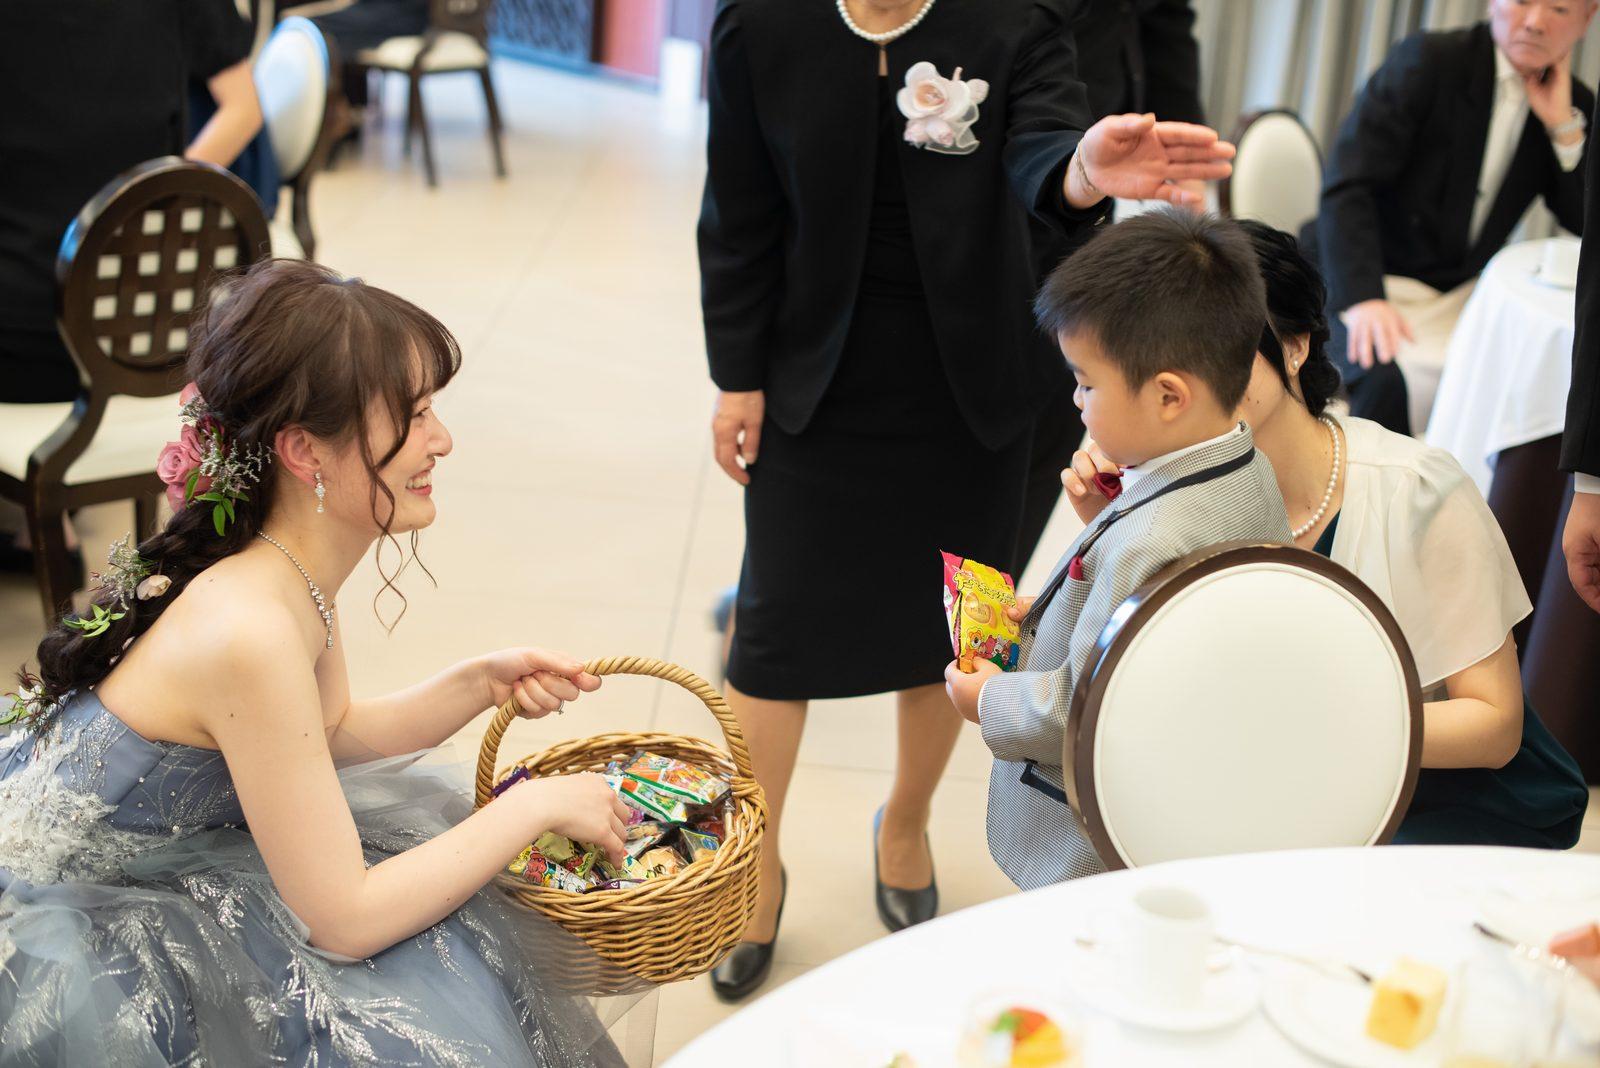 徳島市の結婚式場ブランアンジュの披露宴会場でビールサーブとともにおつまみを配る新婦